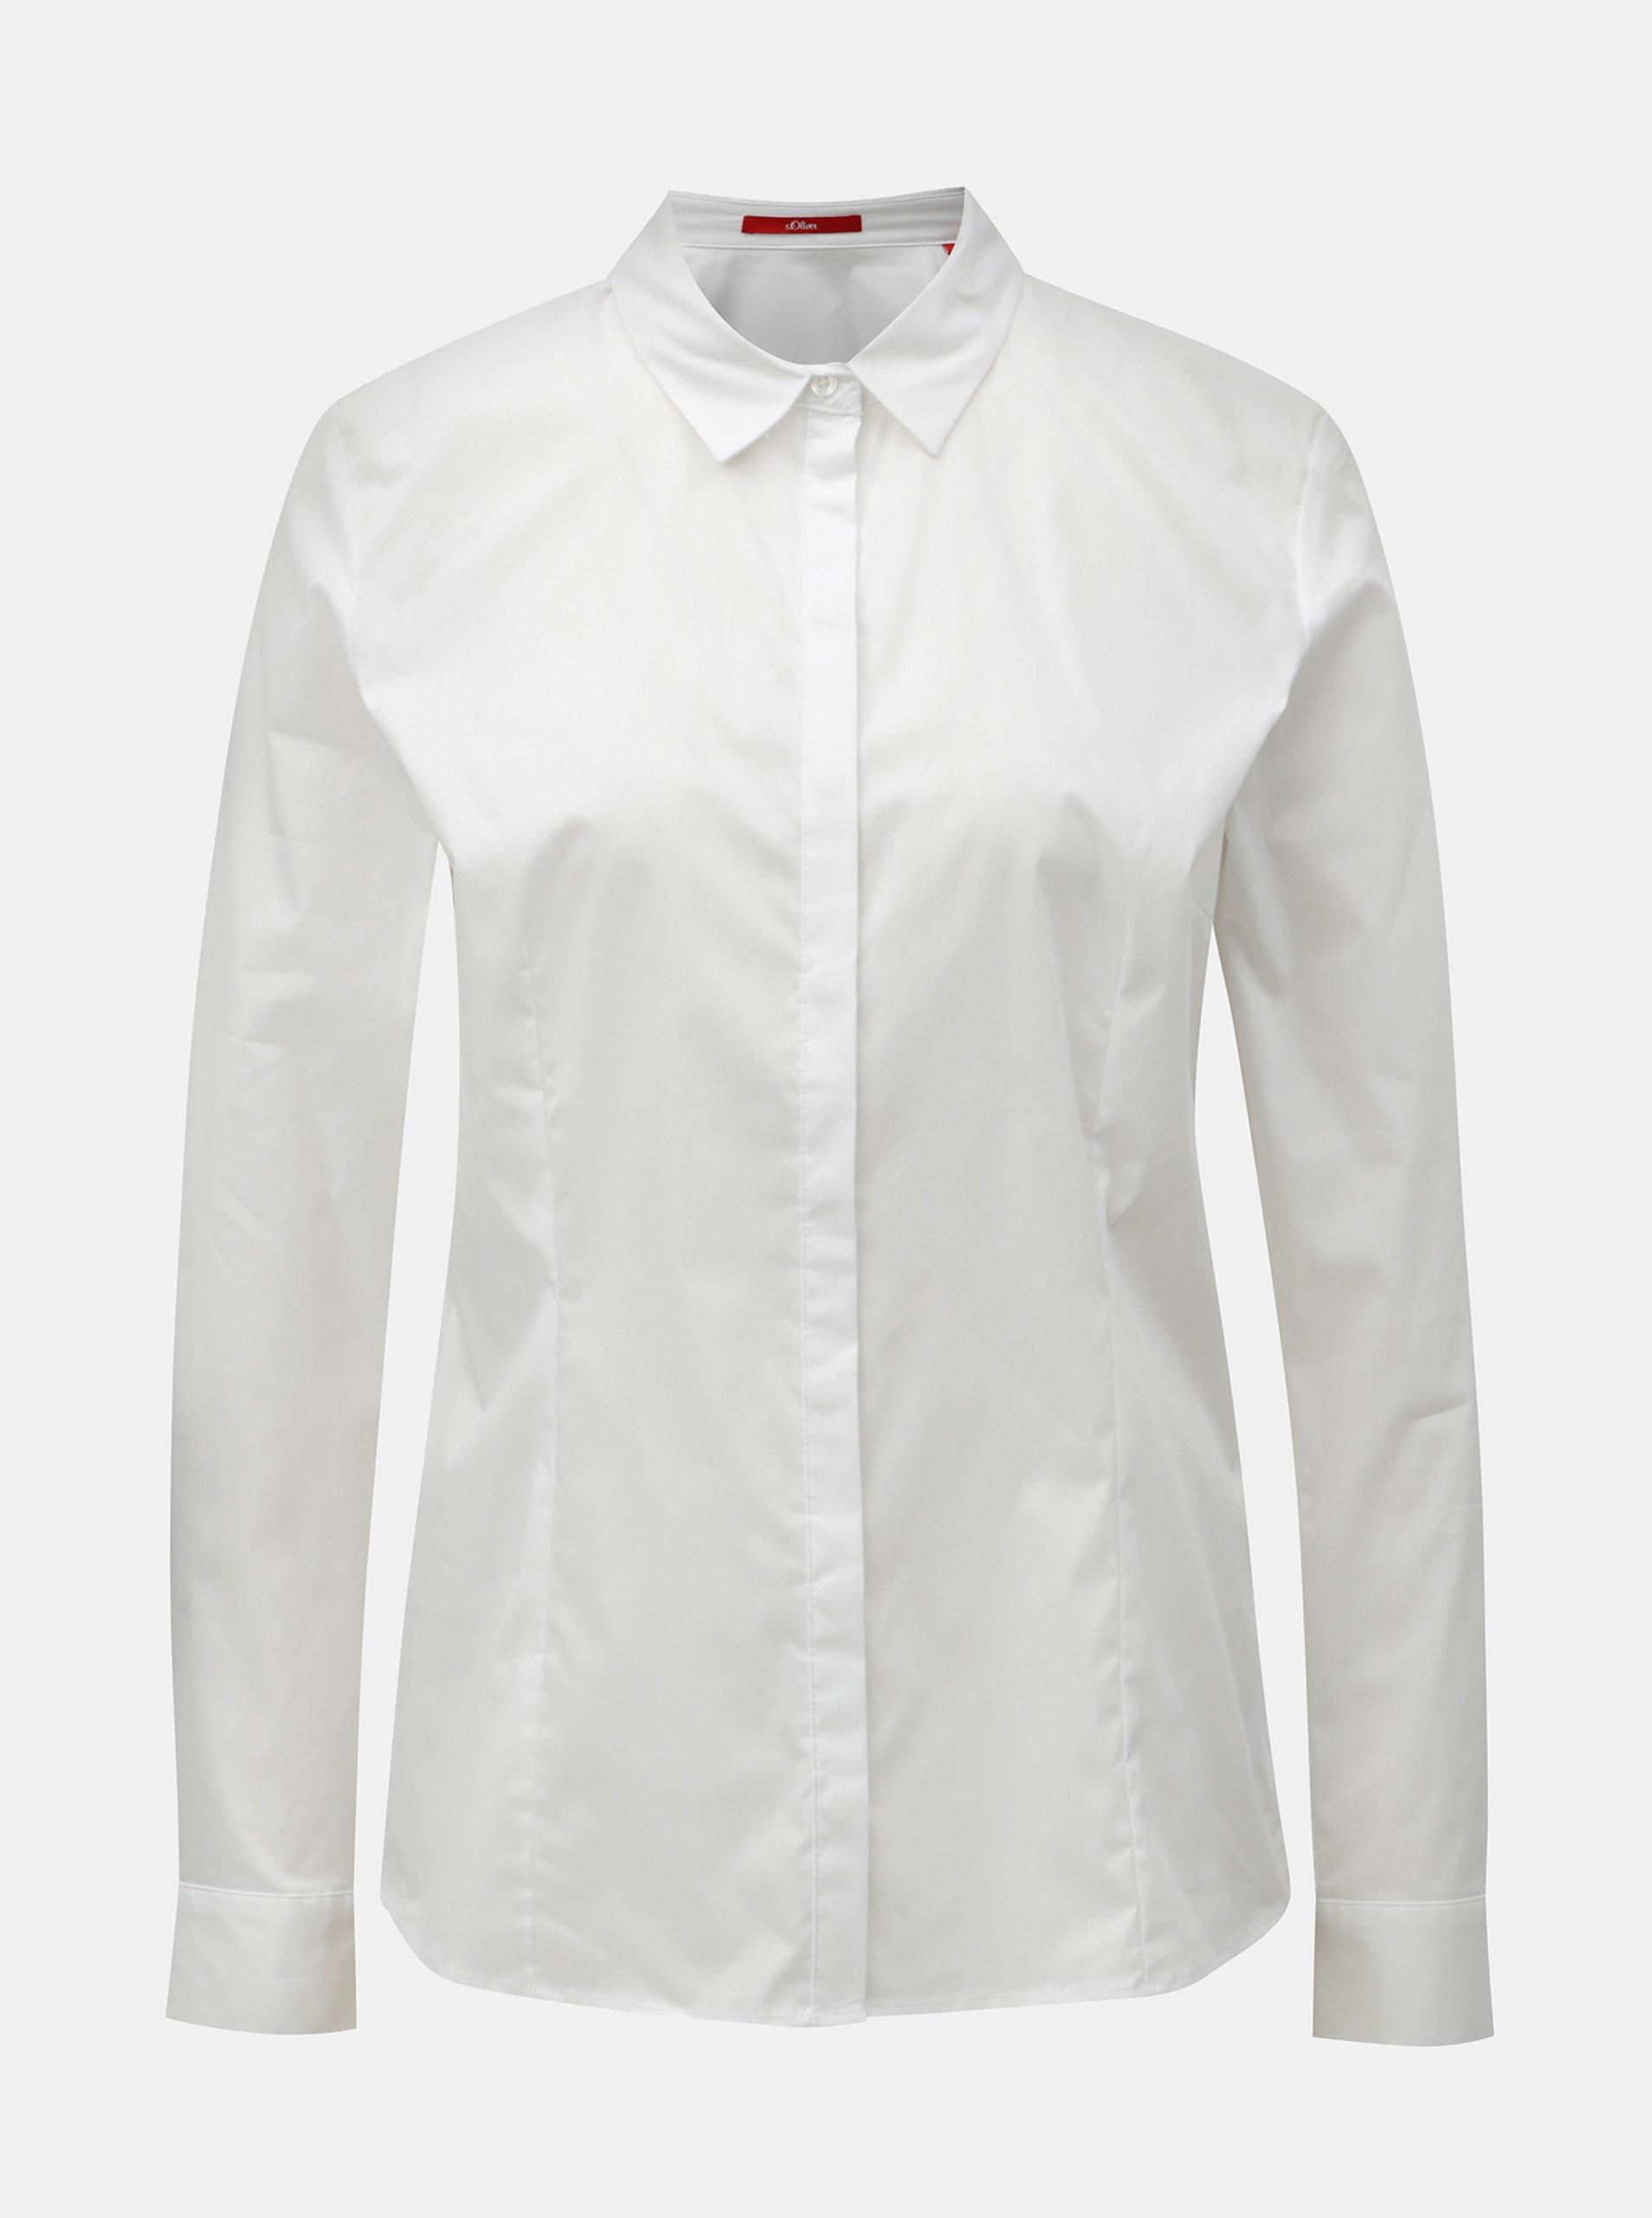 ea5c6d9143e5 Biela dámska košeľa s dlhým rukávom s.Oliver